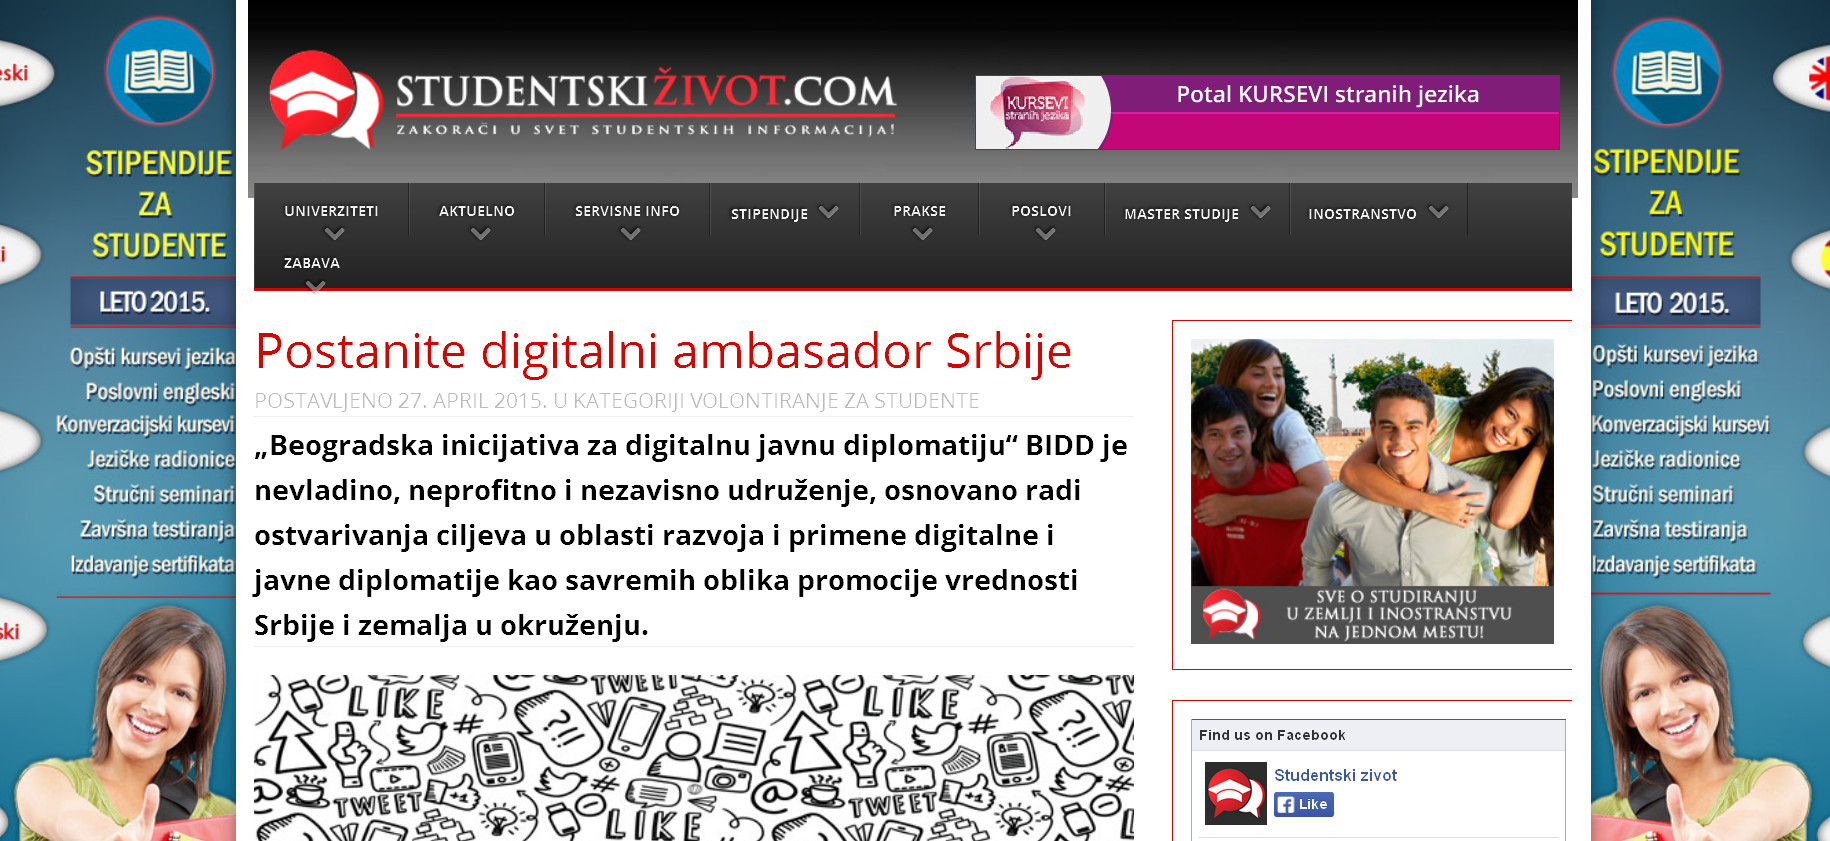 Postanite digitalni ambasador Srbije